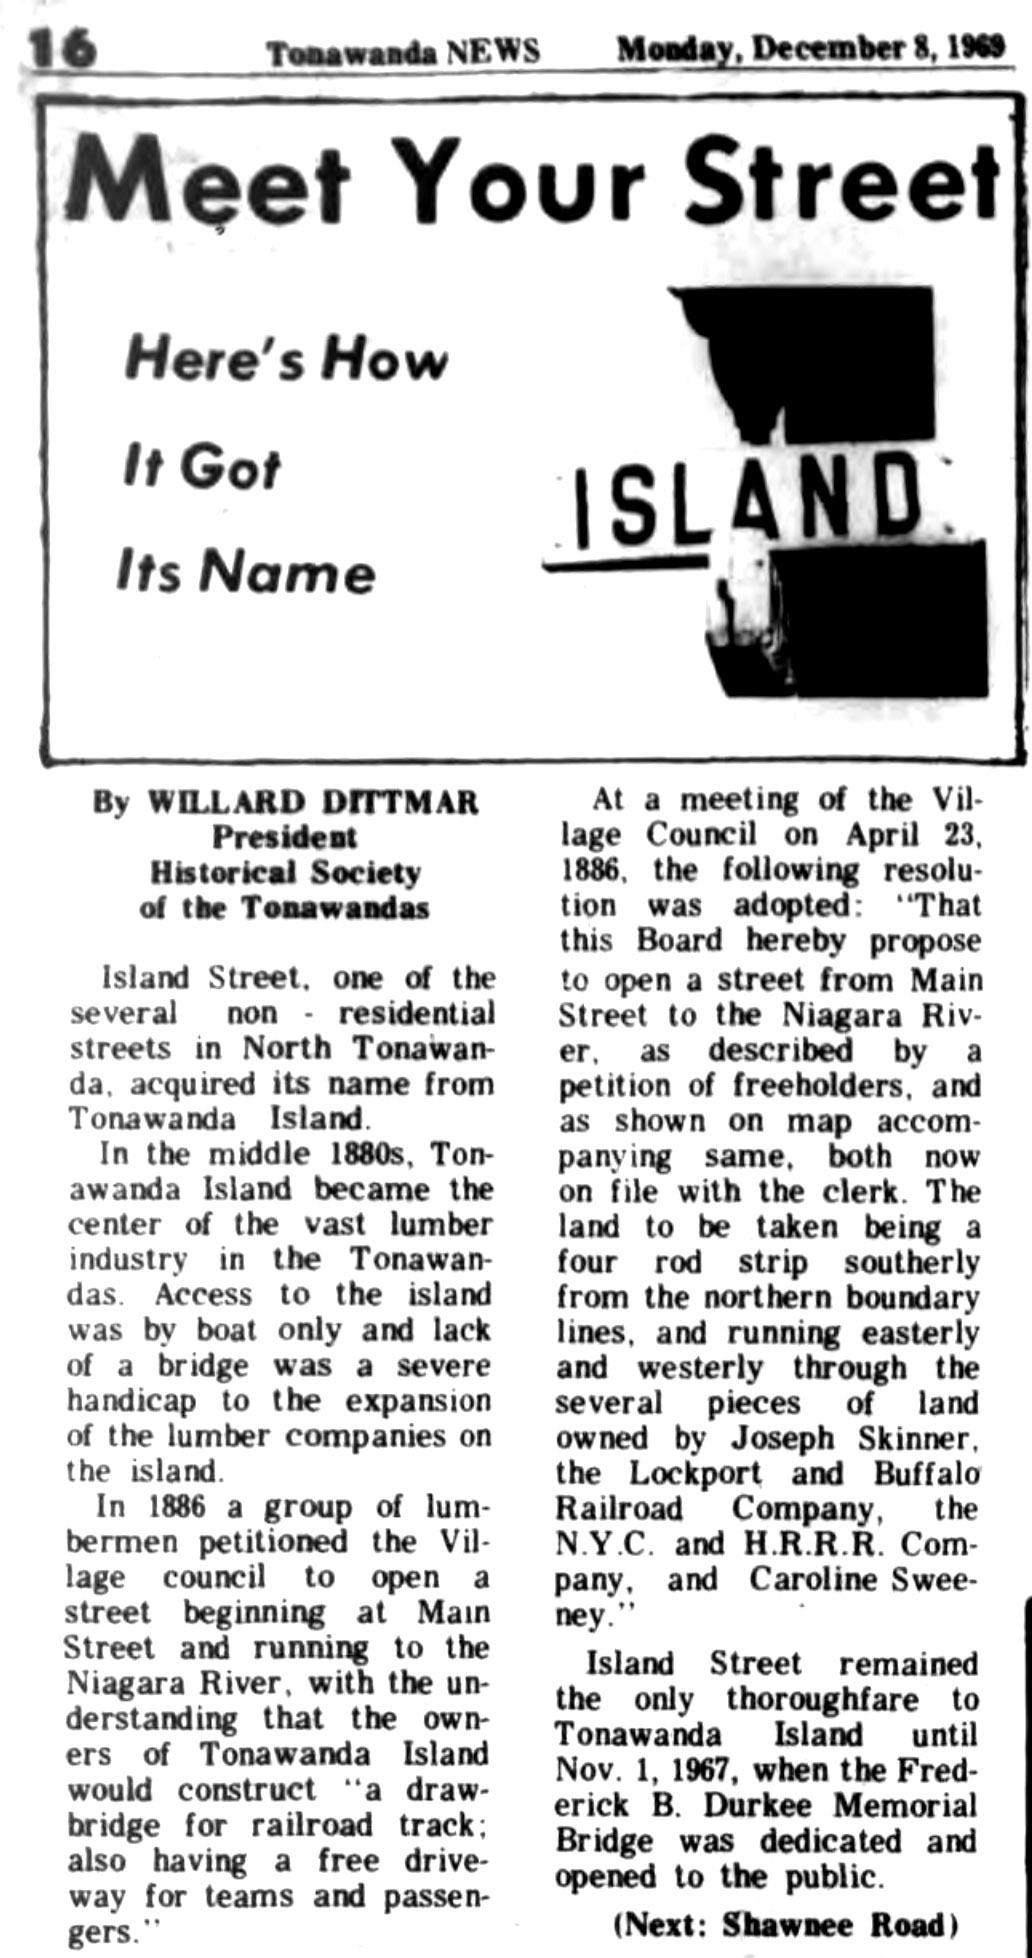 Meet Your Street - Island Street (Tonawanada News, 1969-12-08).jpg